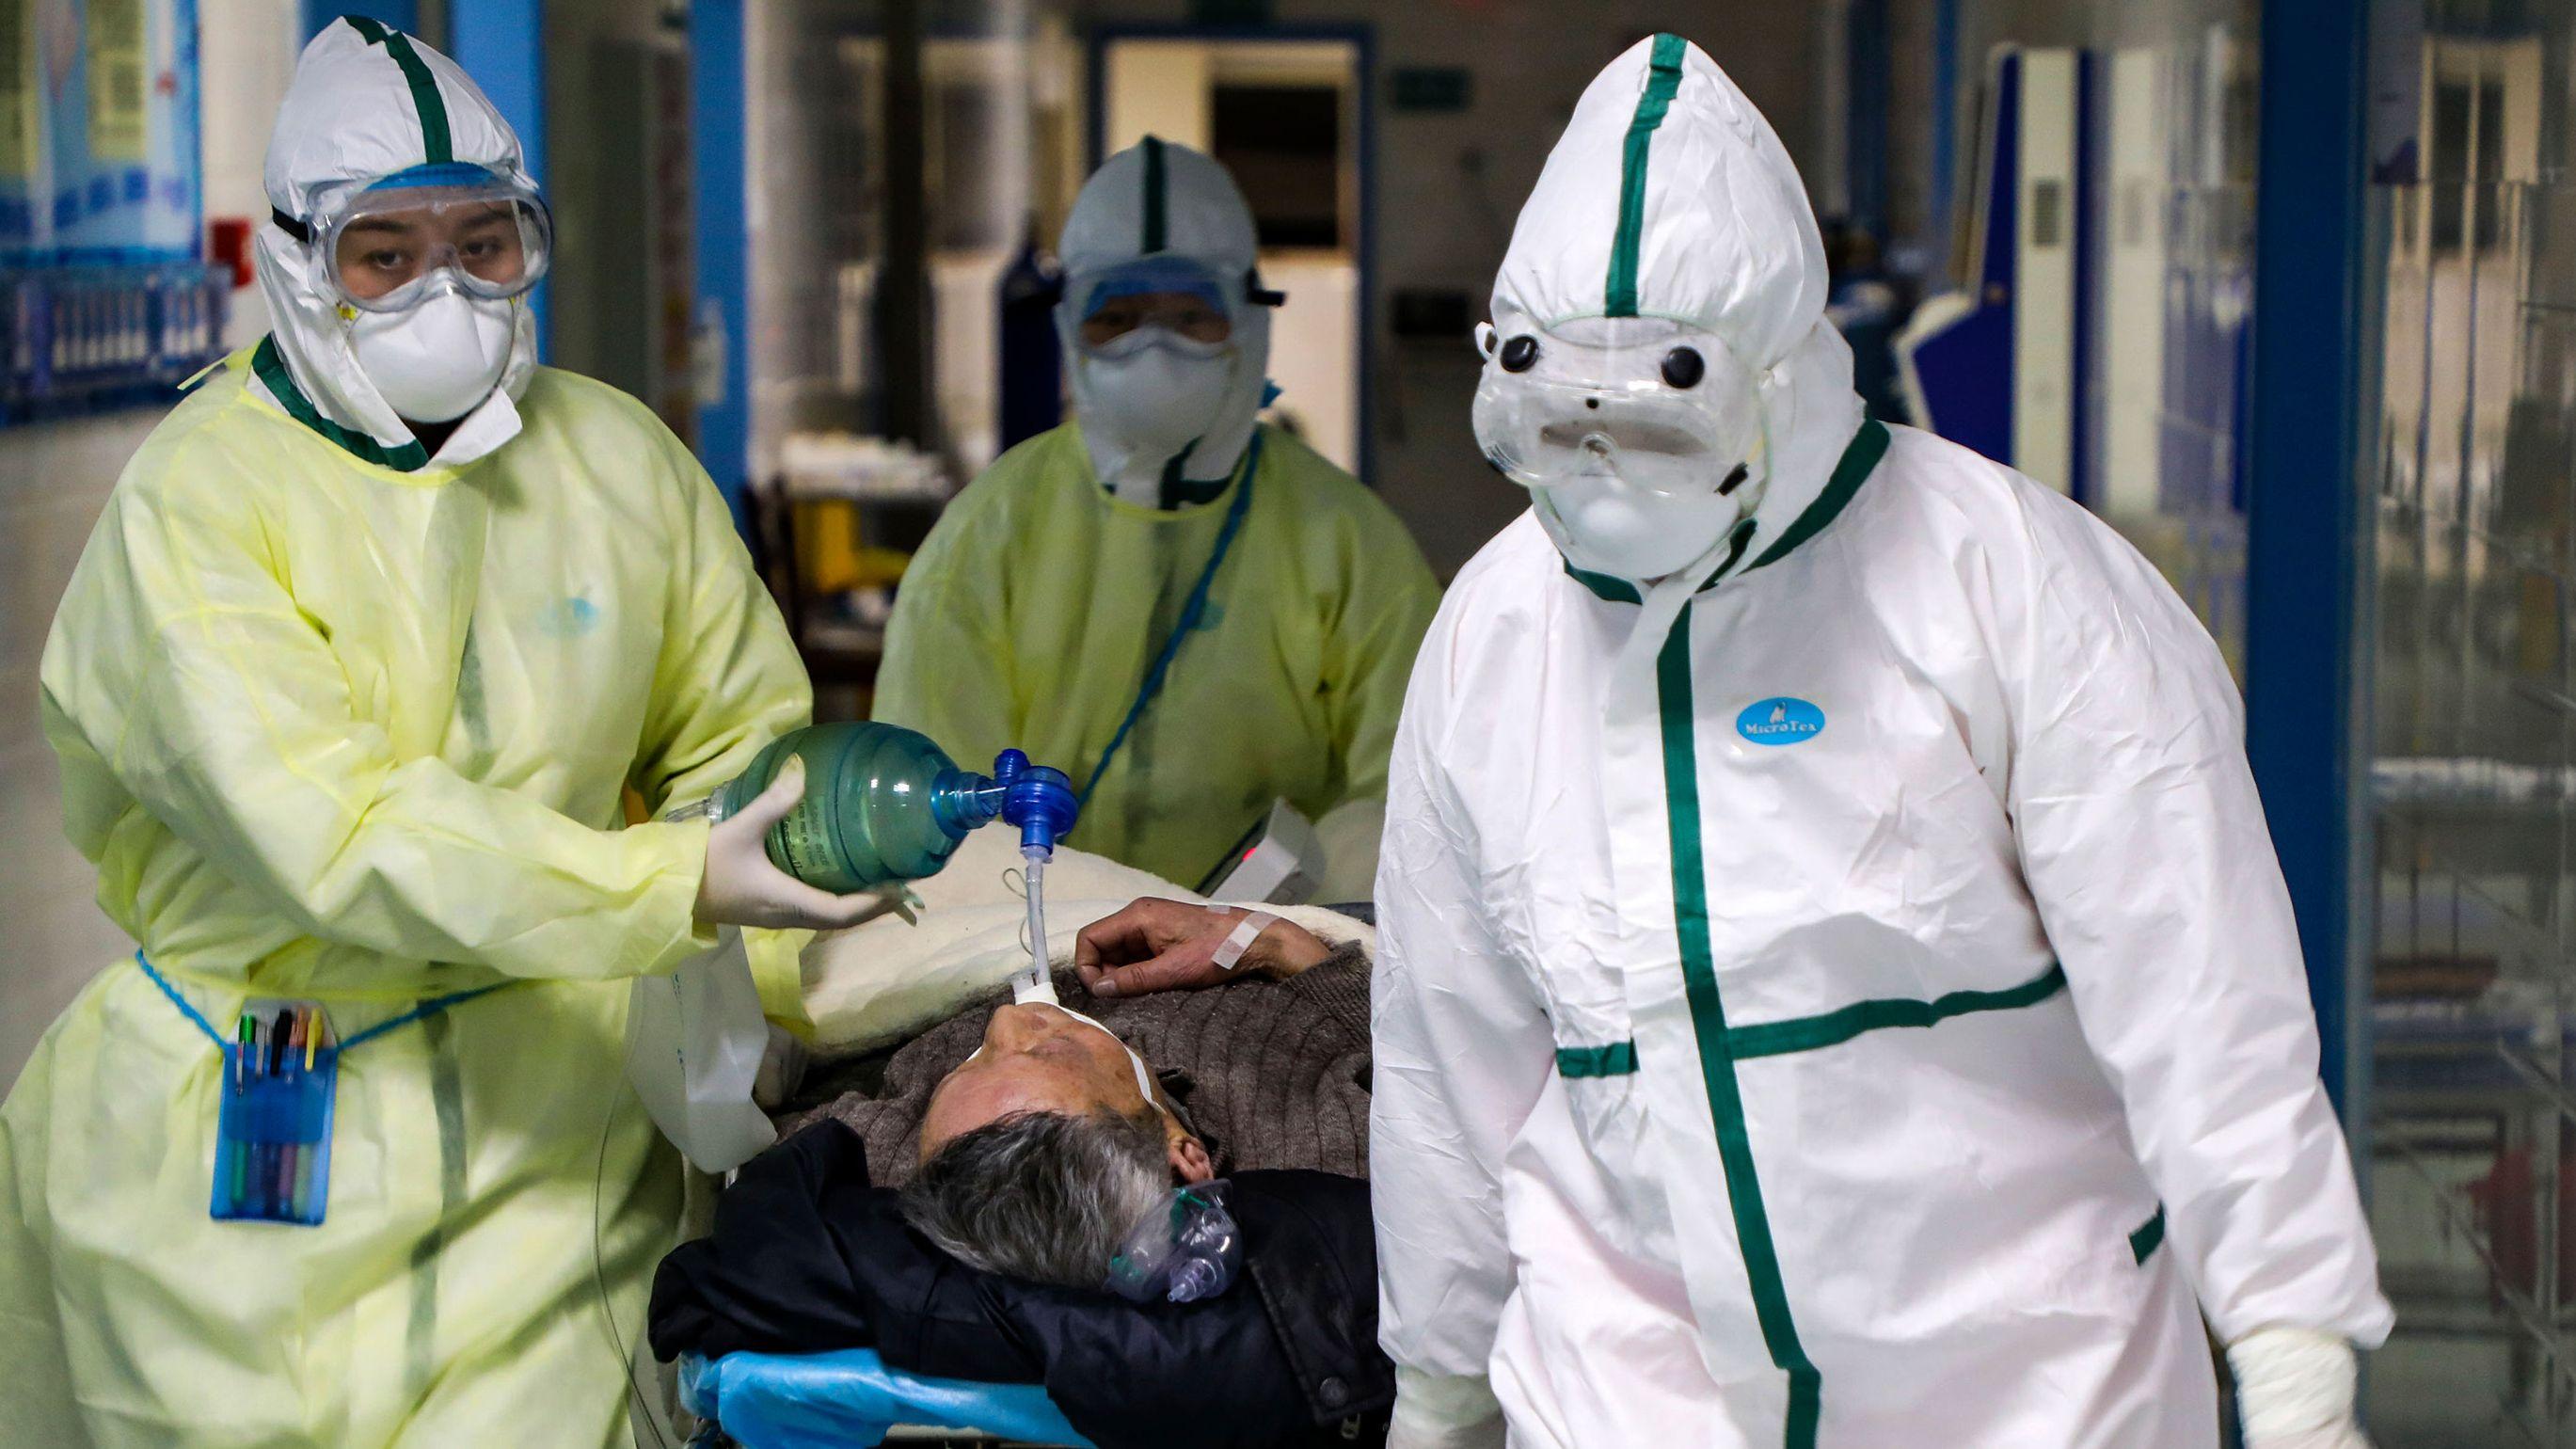 新型コロナ、院内感染が深刻 武漢の医師グループが報告